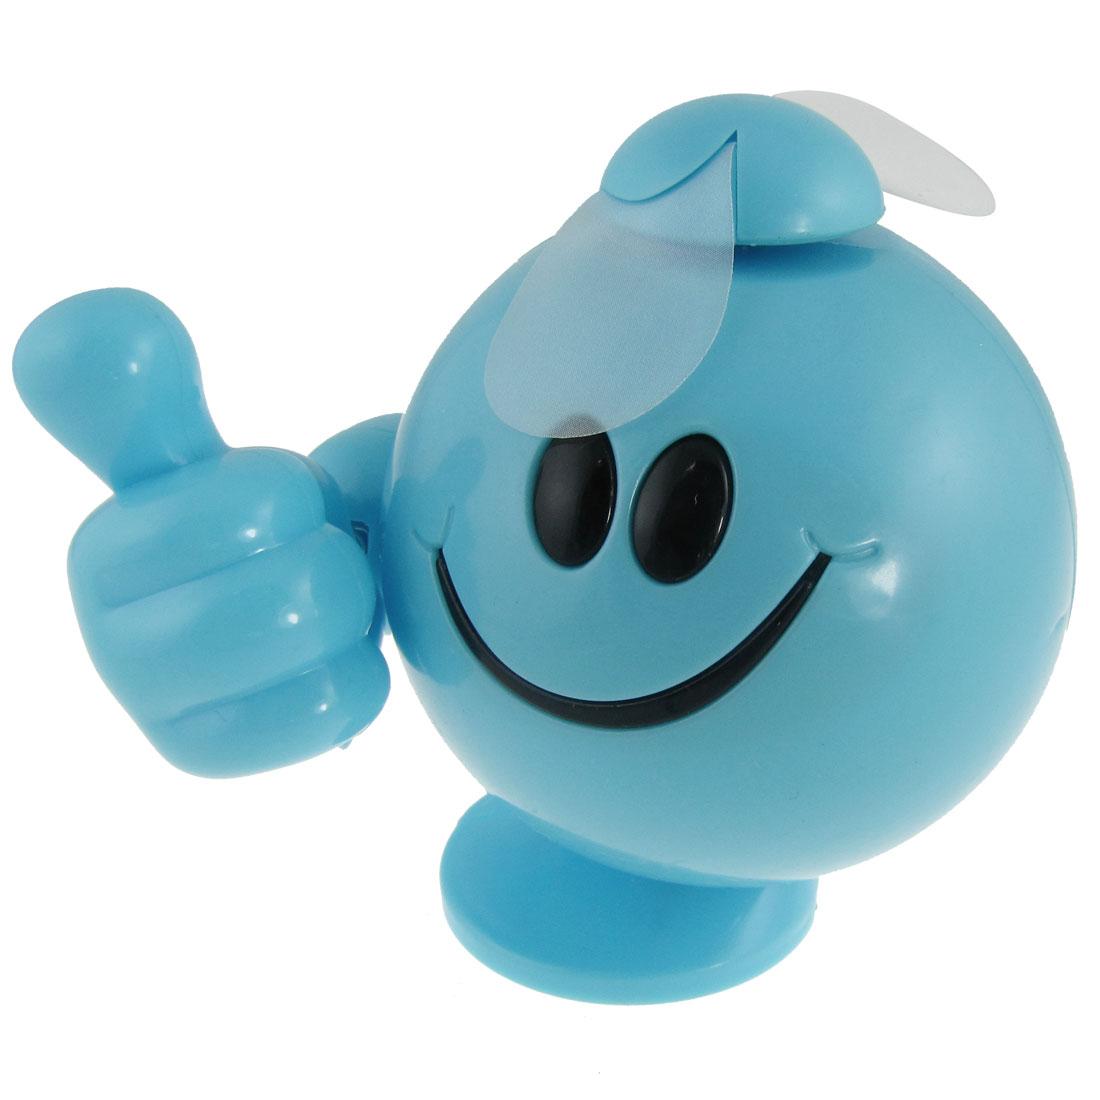 Cooling Soft Paddle Blue Plastic Thumb Figure 2 AAA Battery Powered Mini Fan